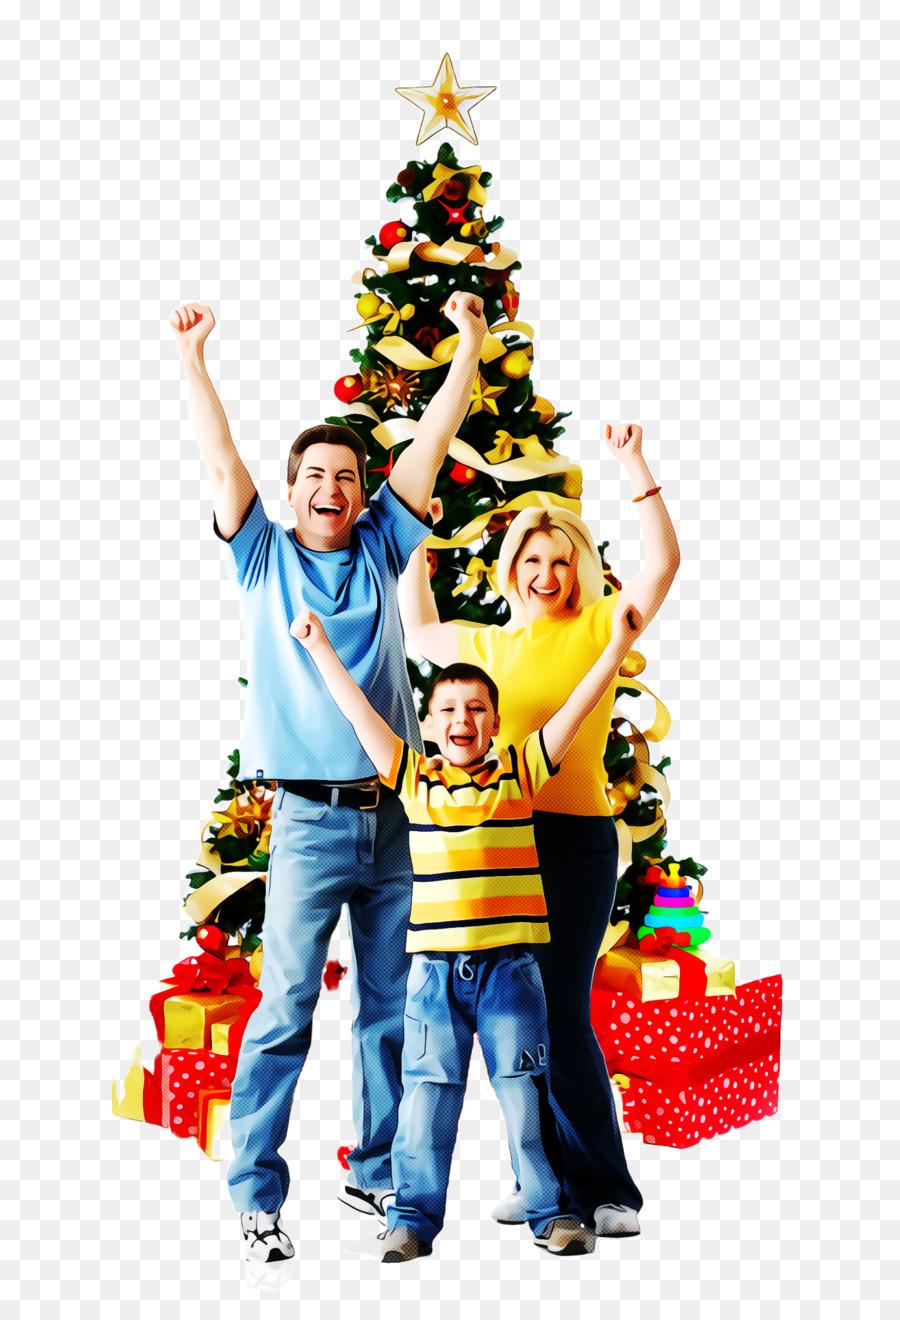 Descarga gratuita de Divertido, Feliz, árbol De Navidad imágenes PNG